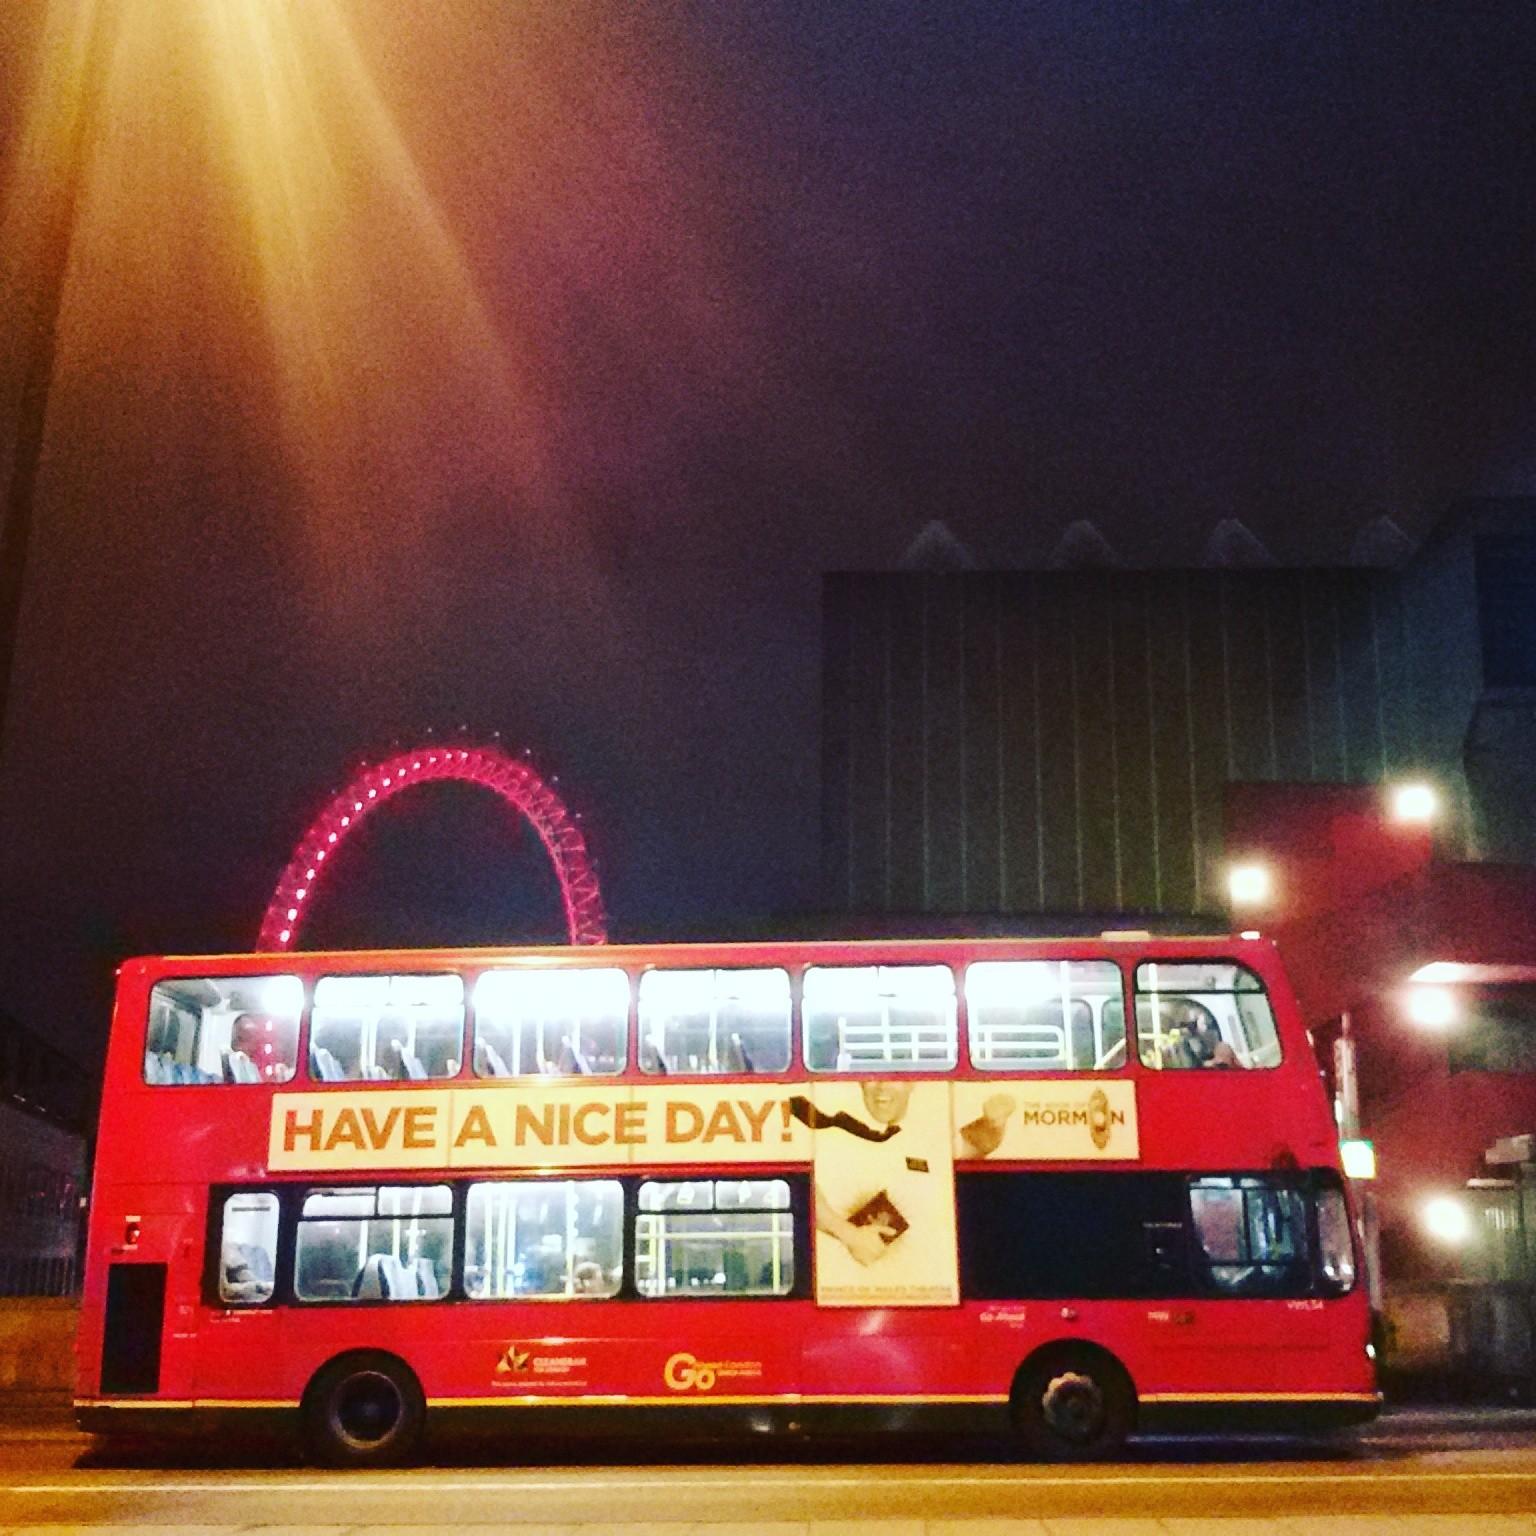 london bus by erica vagliengo